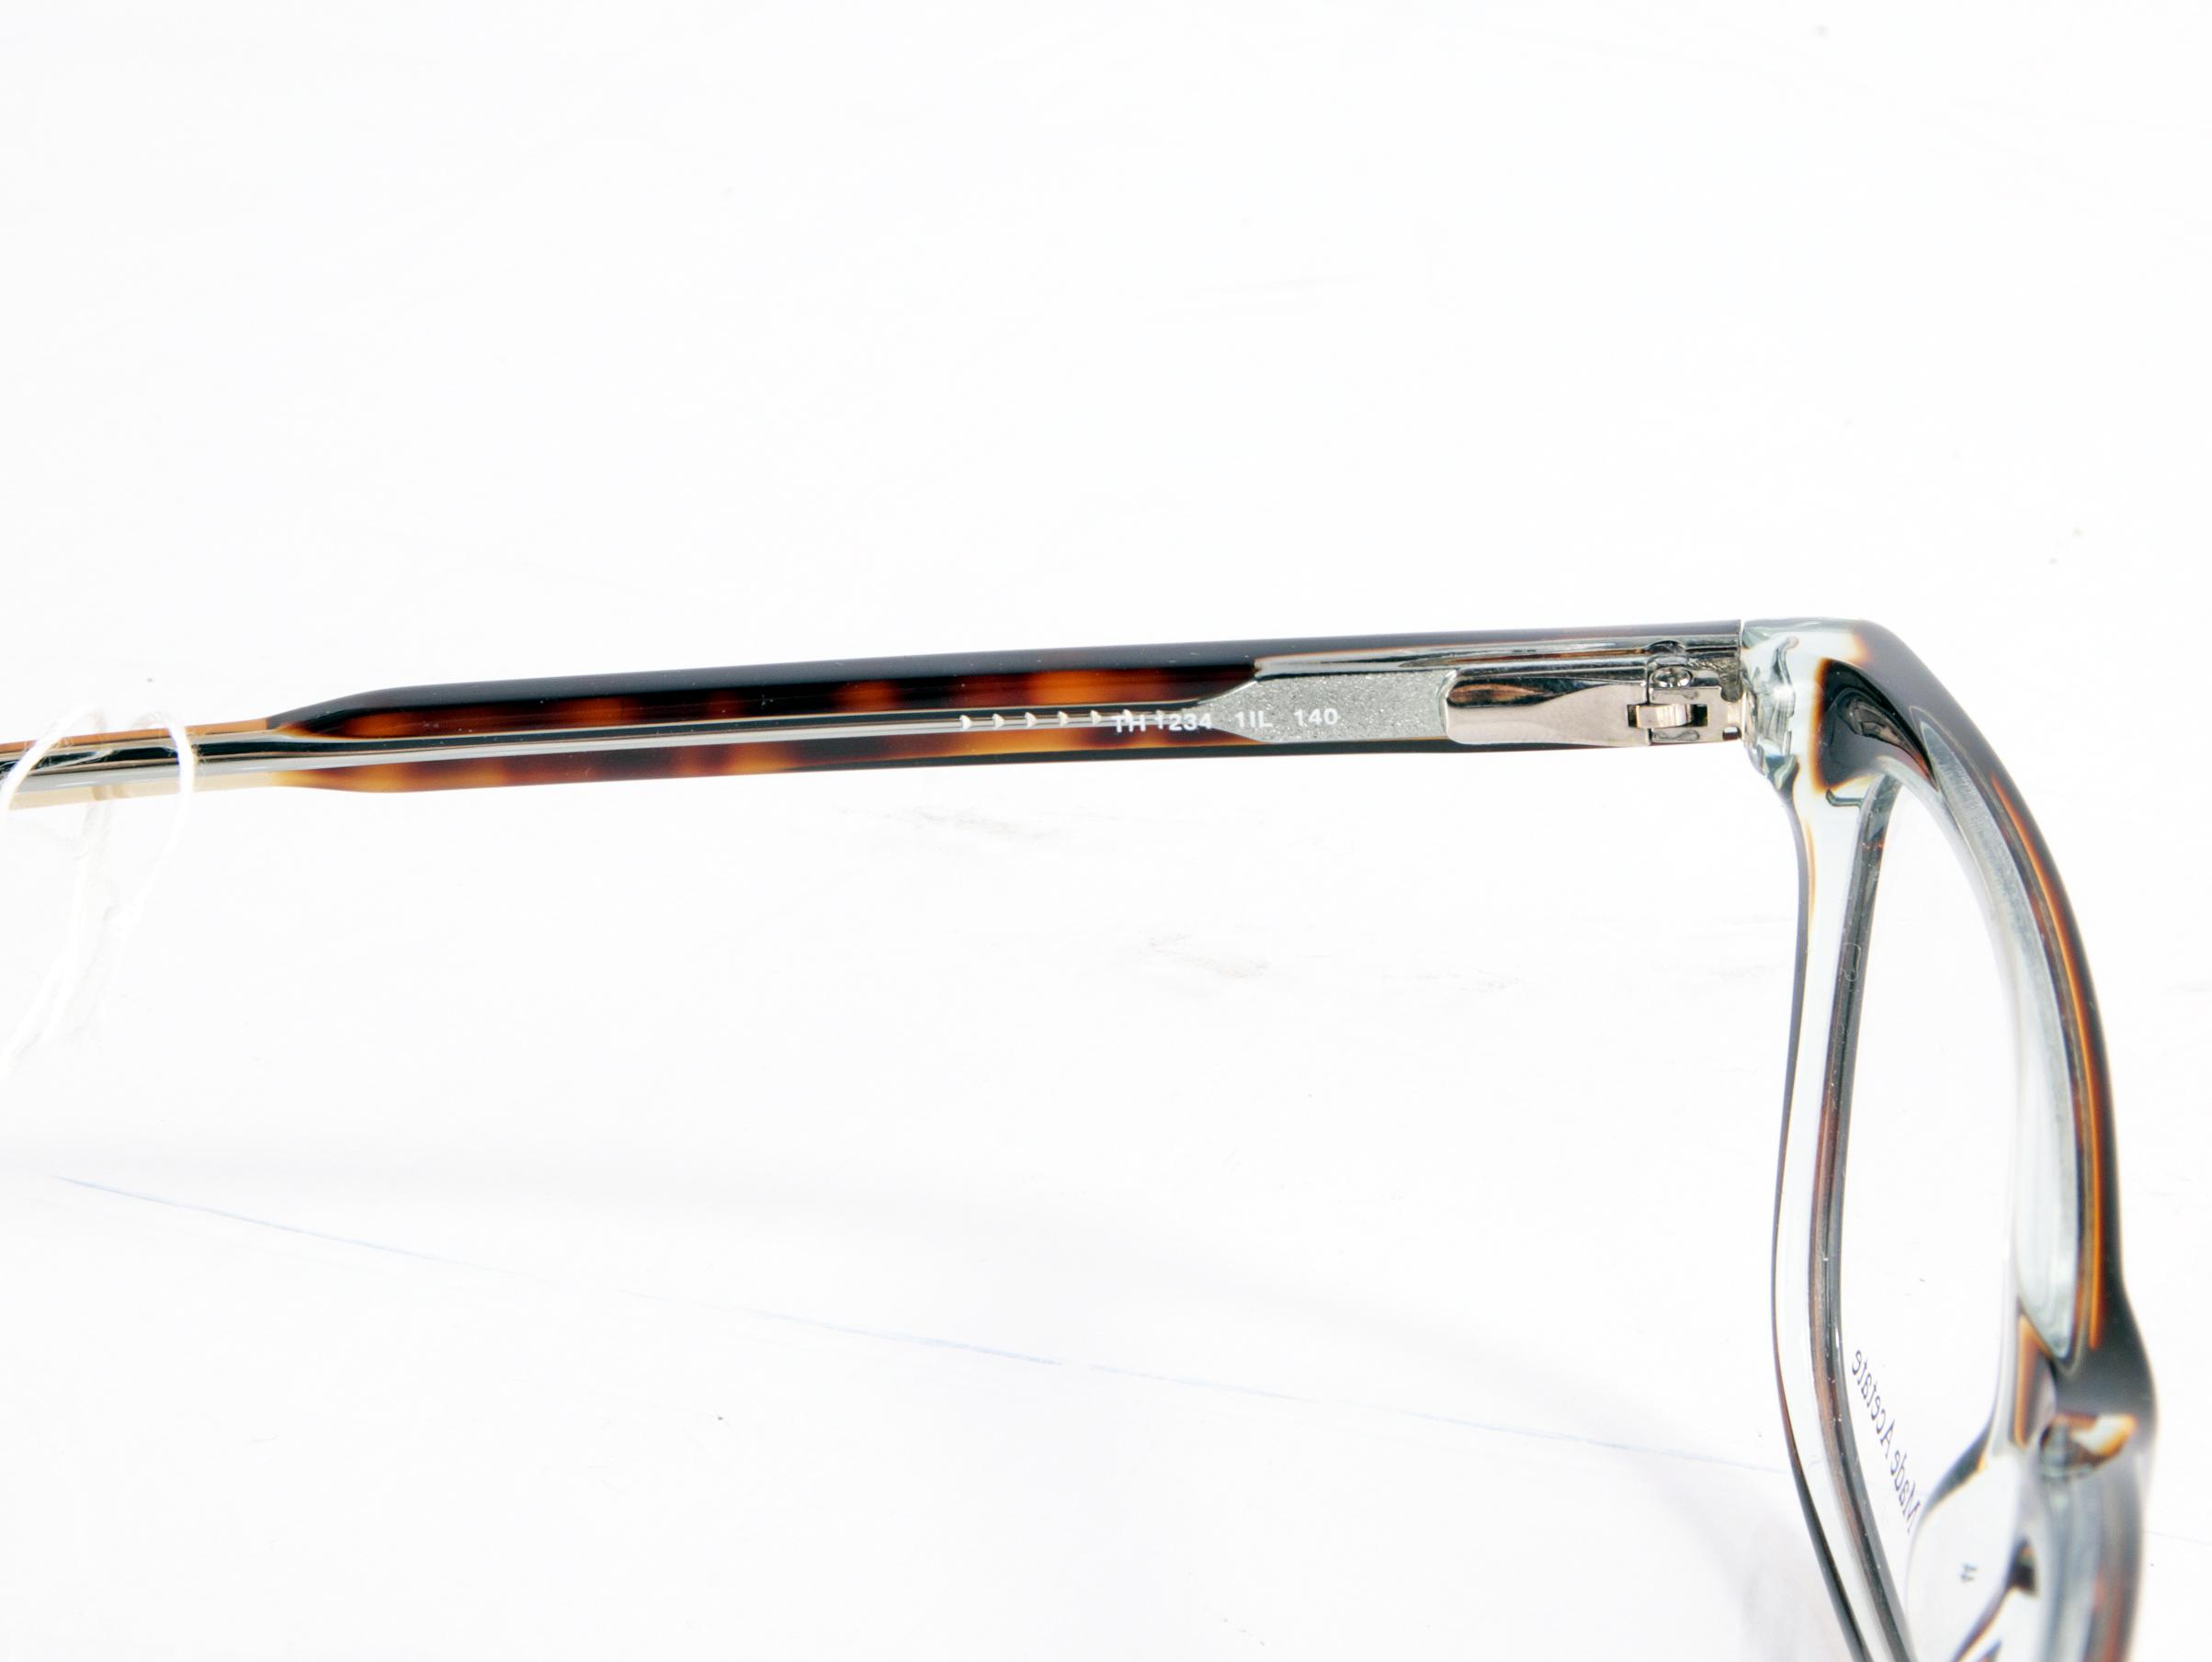 Tommy Hilfiger TH 1234 Brillengestell Brille 1IL 140 51/18 NEU | eBay